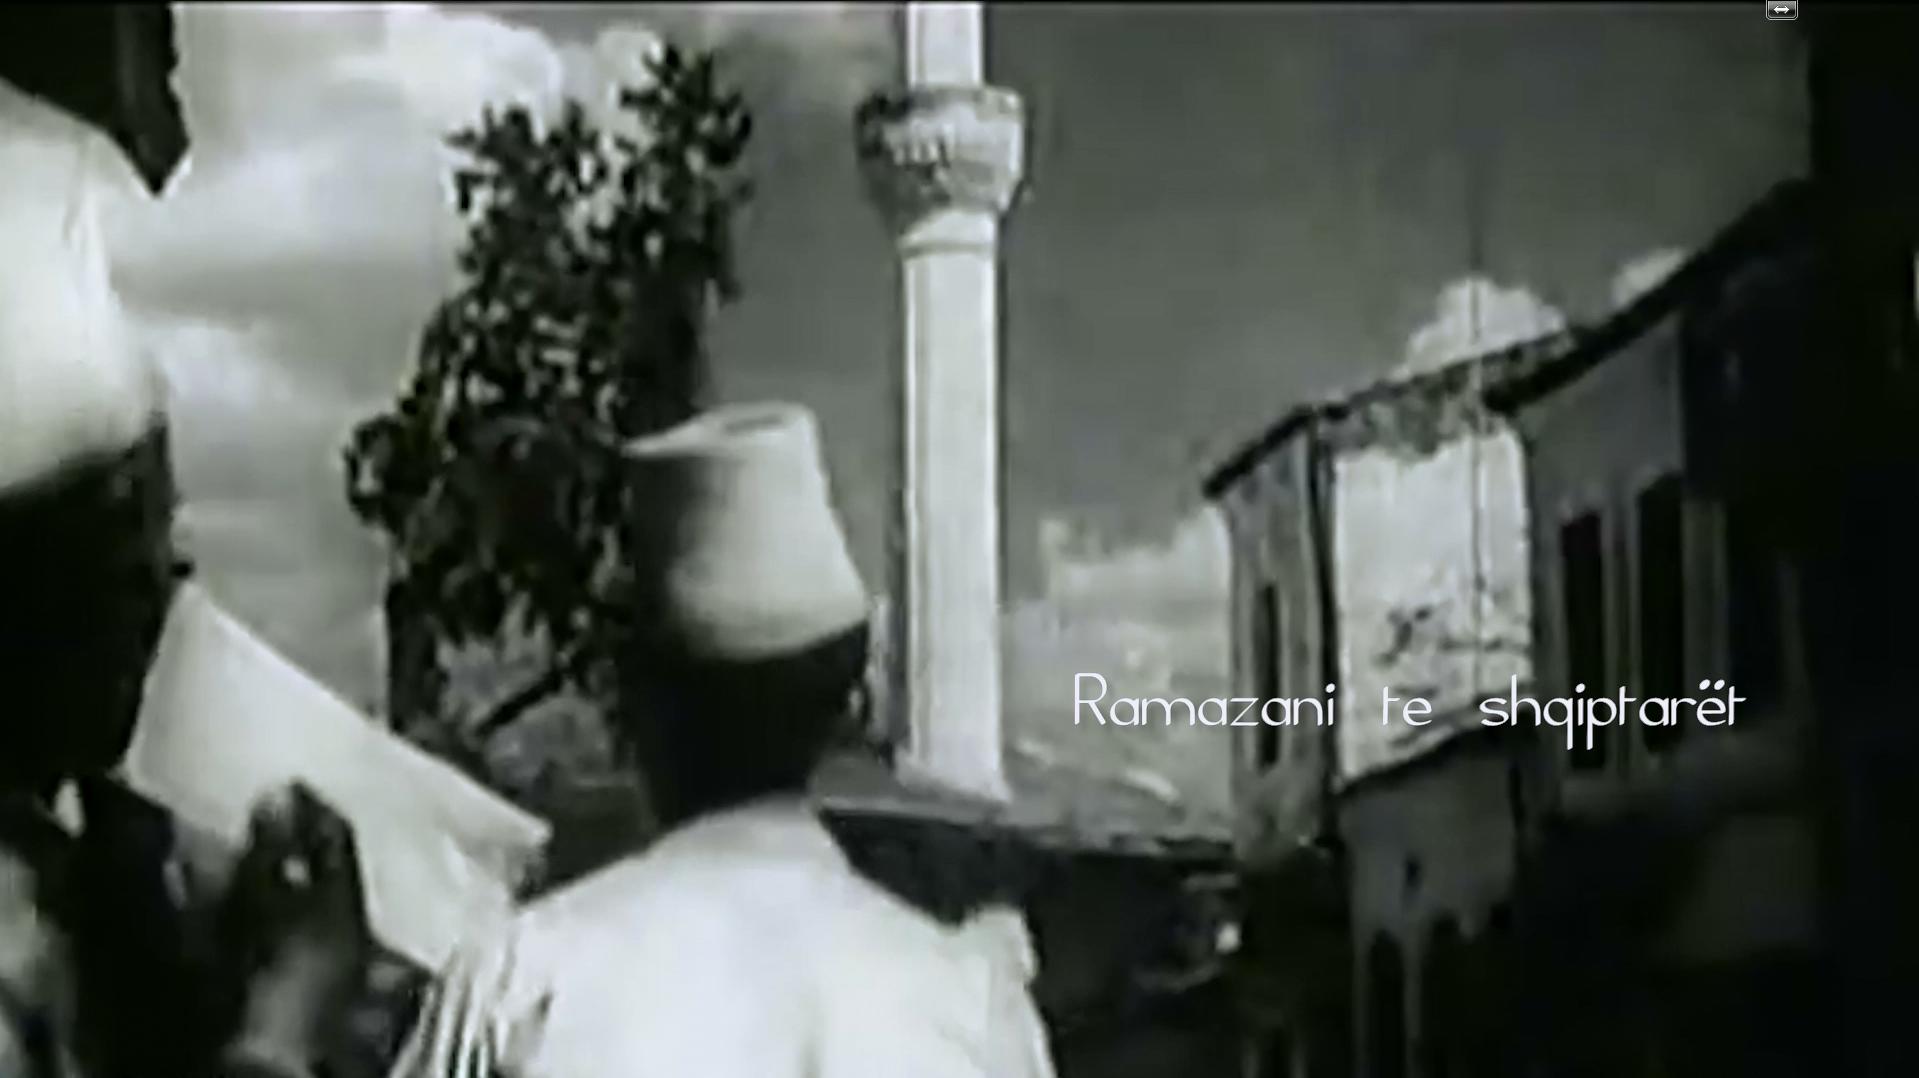 Ramazani te shqiptarët – Reportazh (Dokumentar)